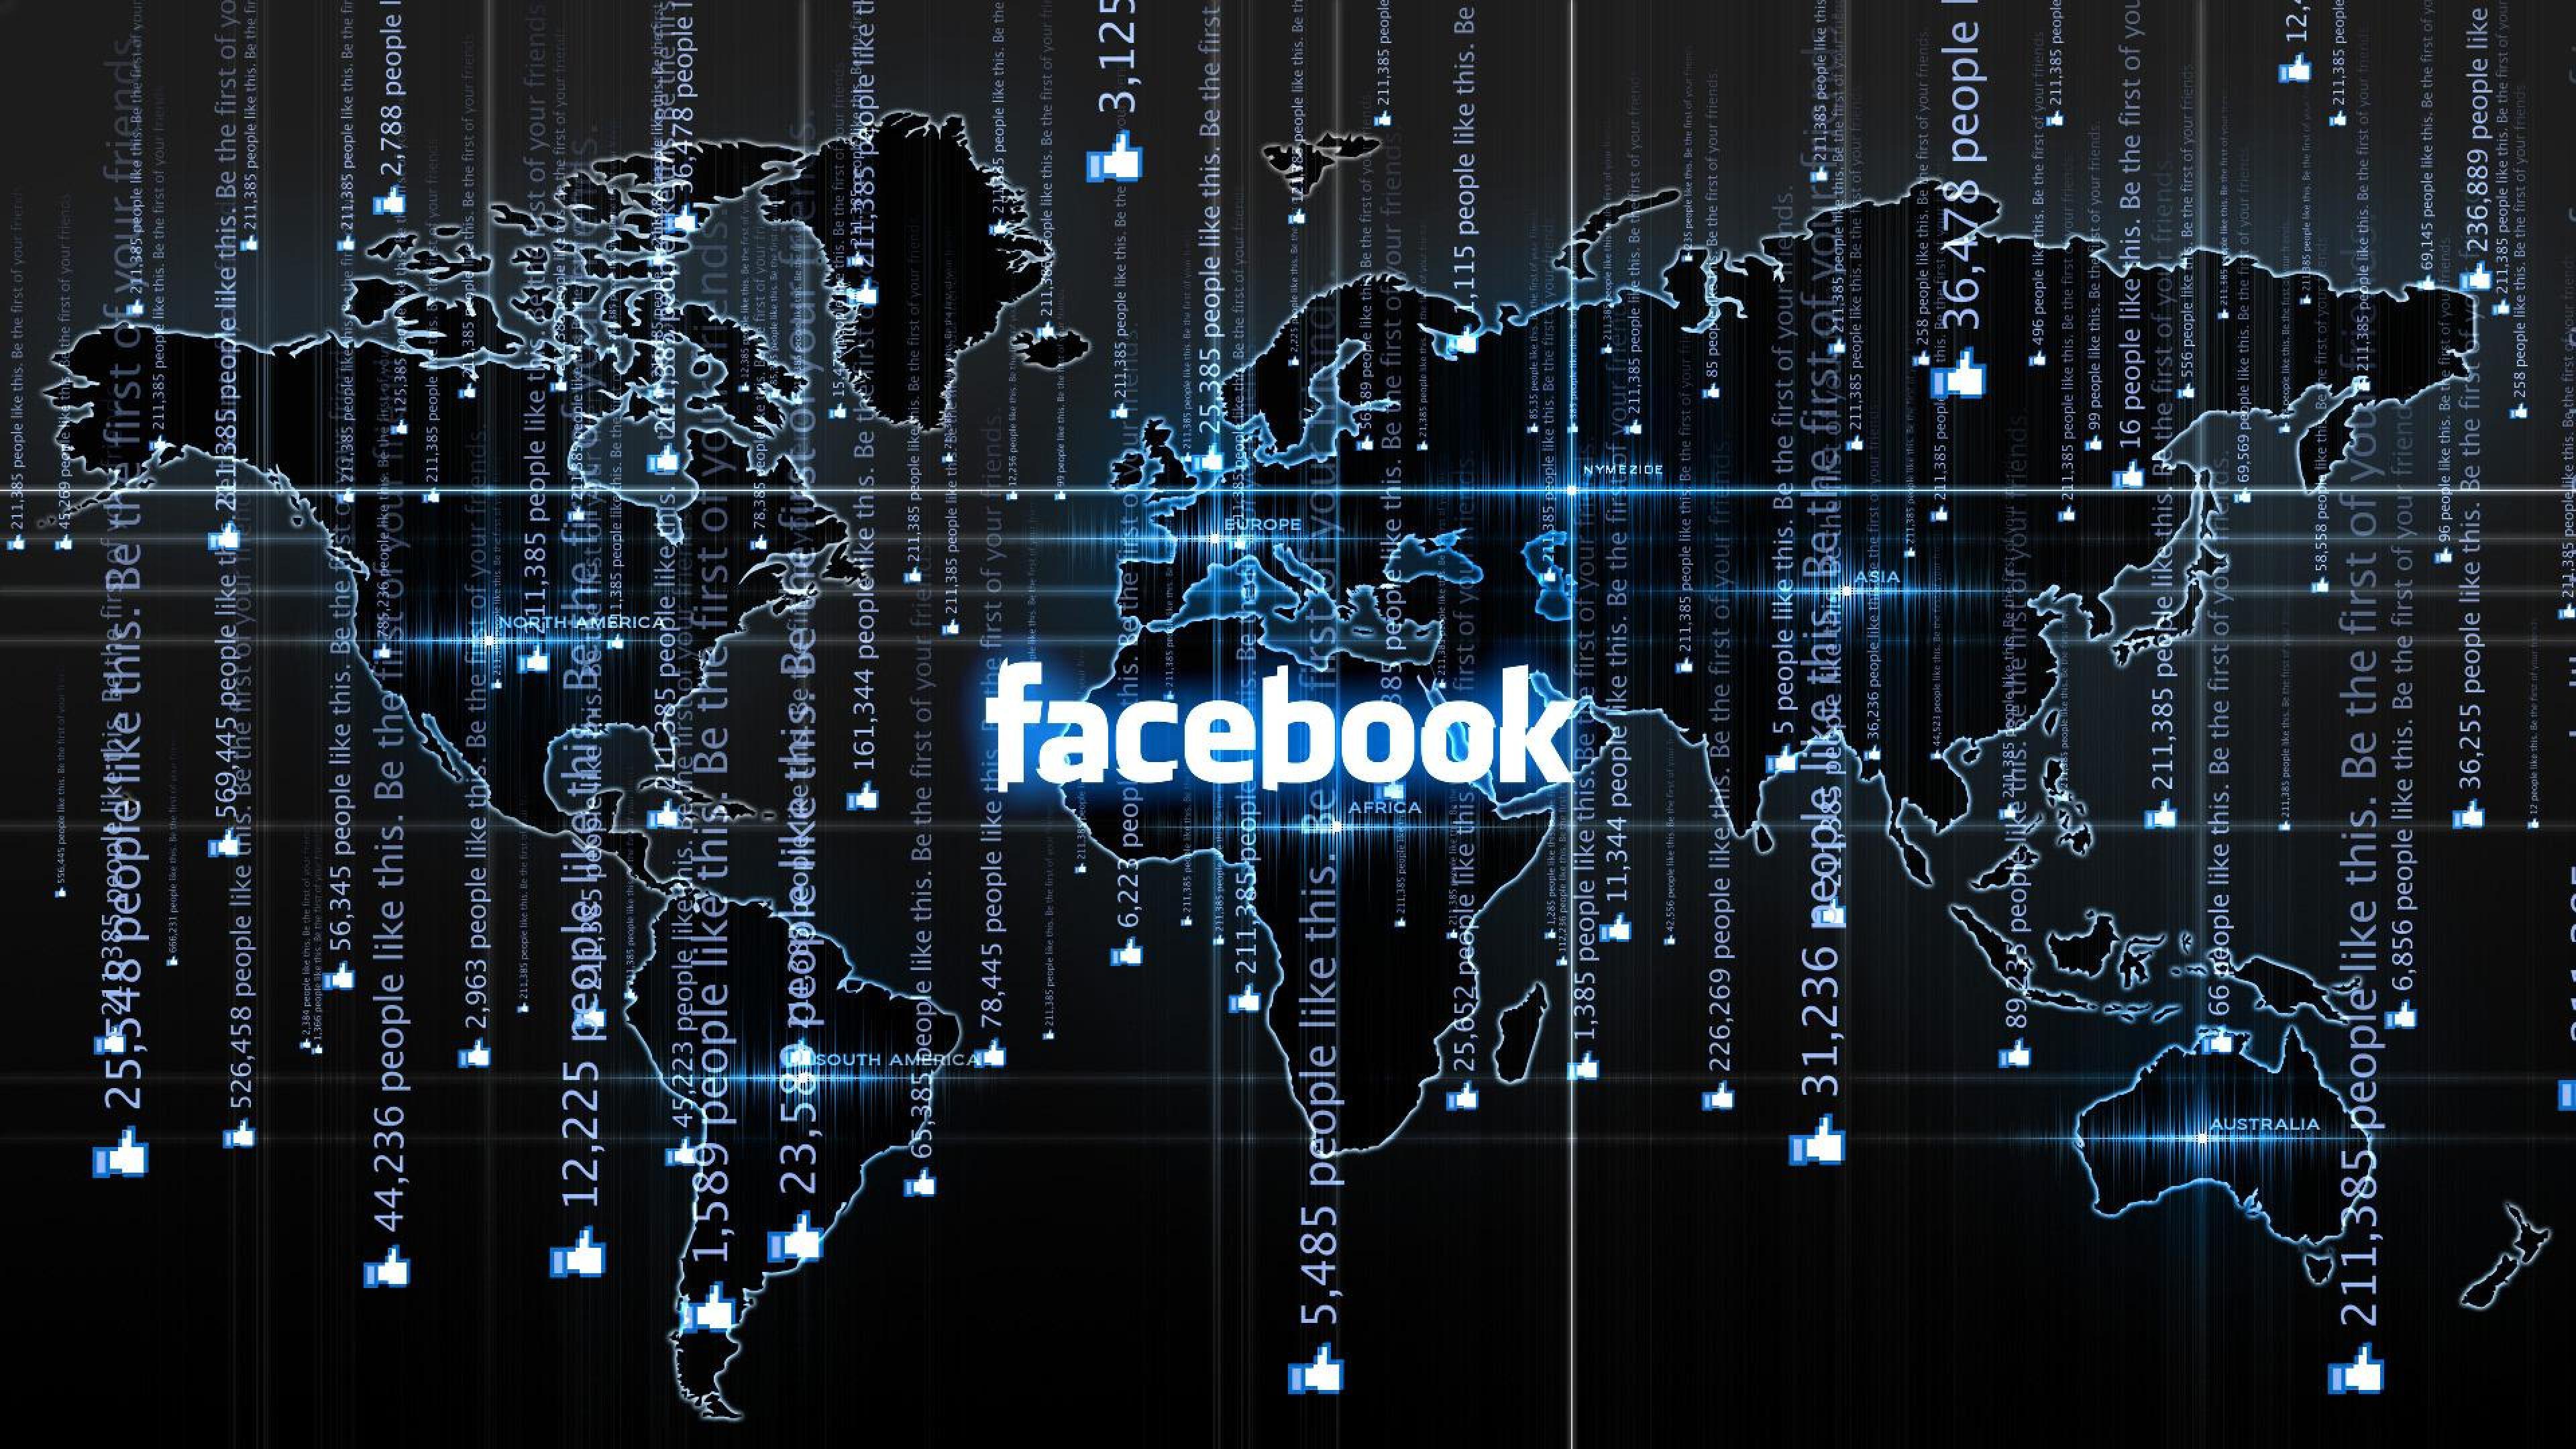 Pagina Facebook: i vantaggi per la tua attività